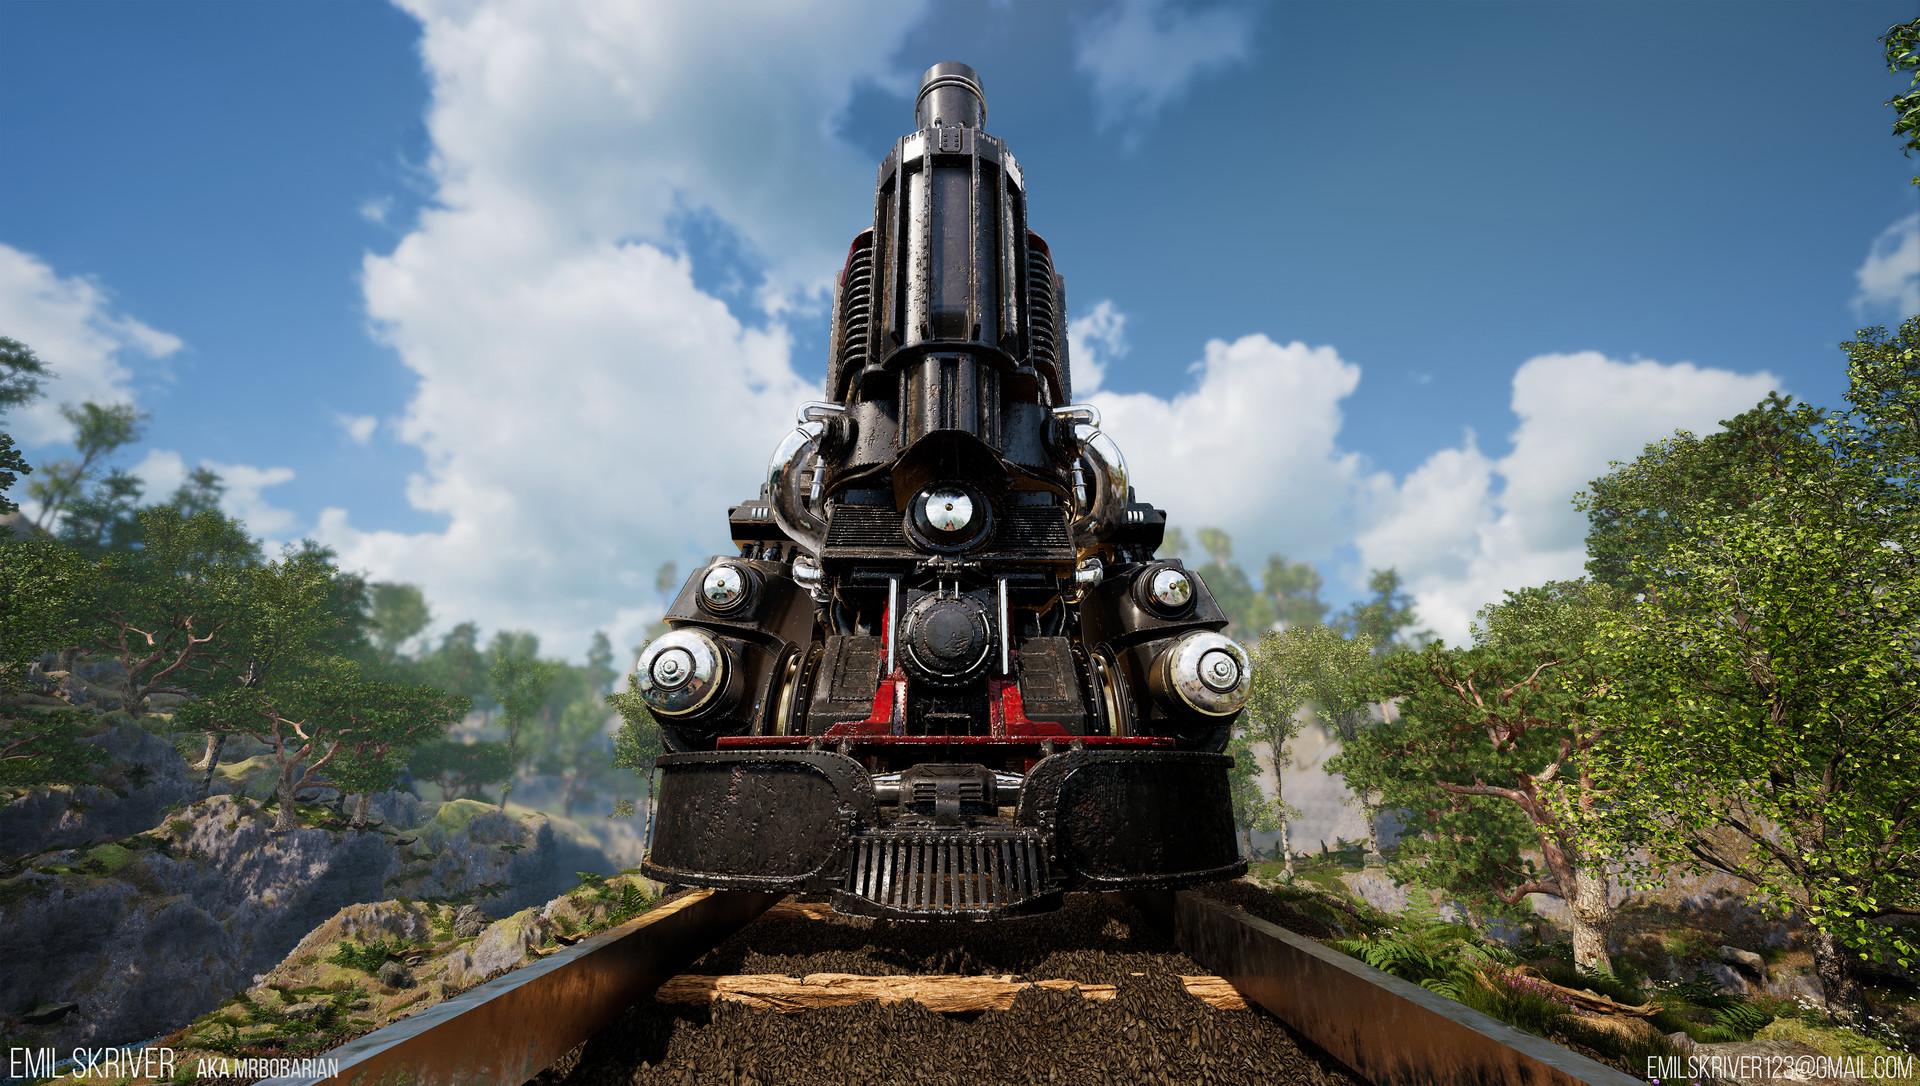 Emil skriver train front